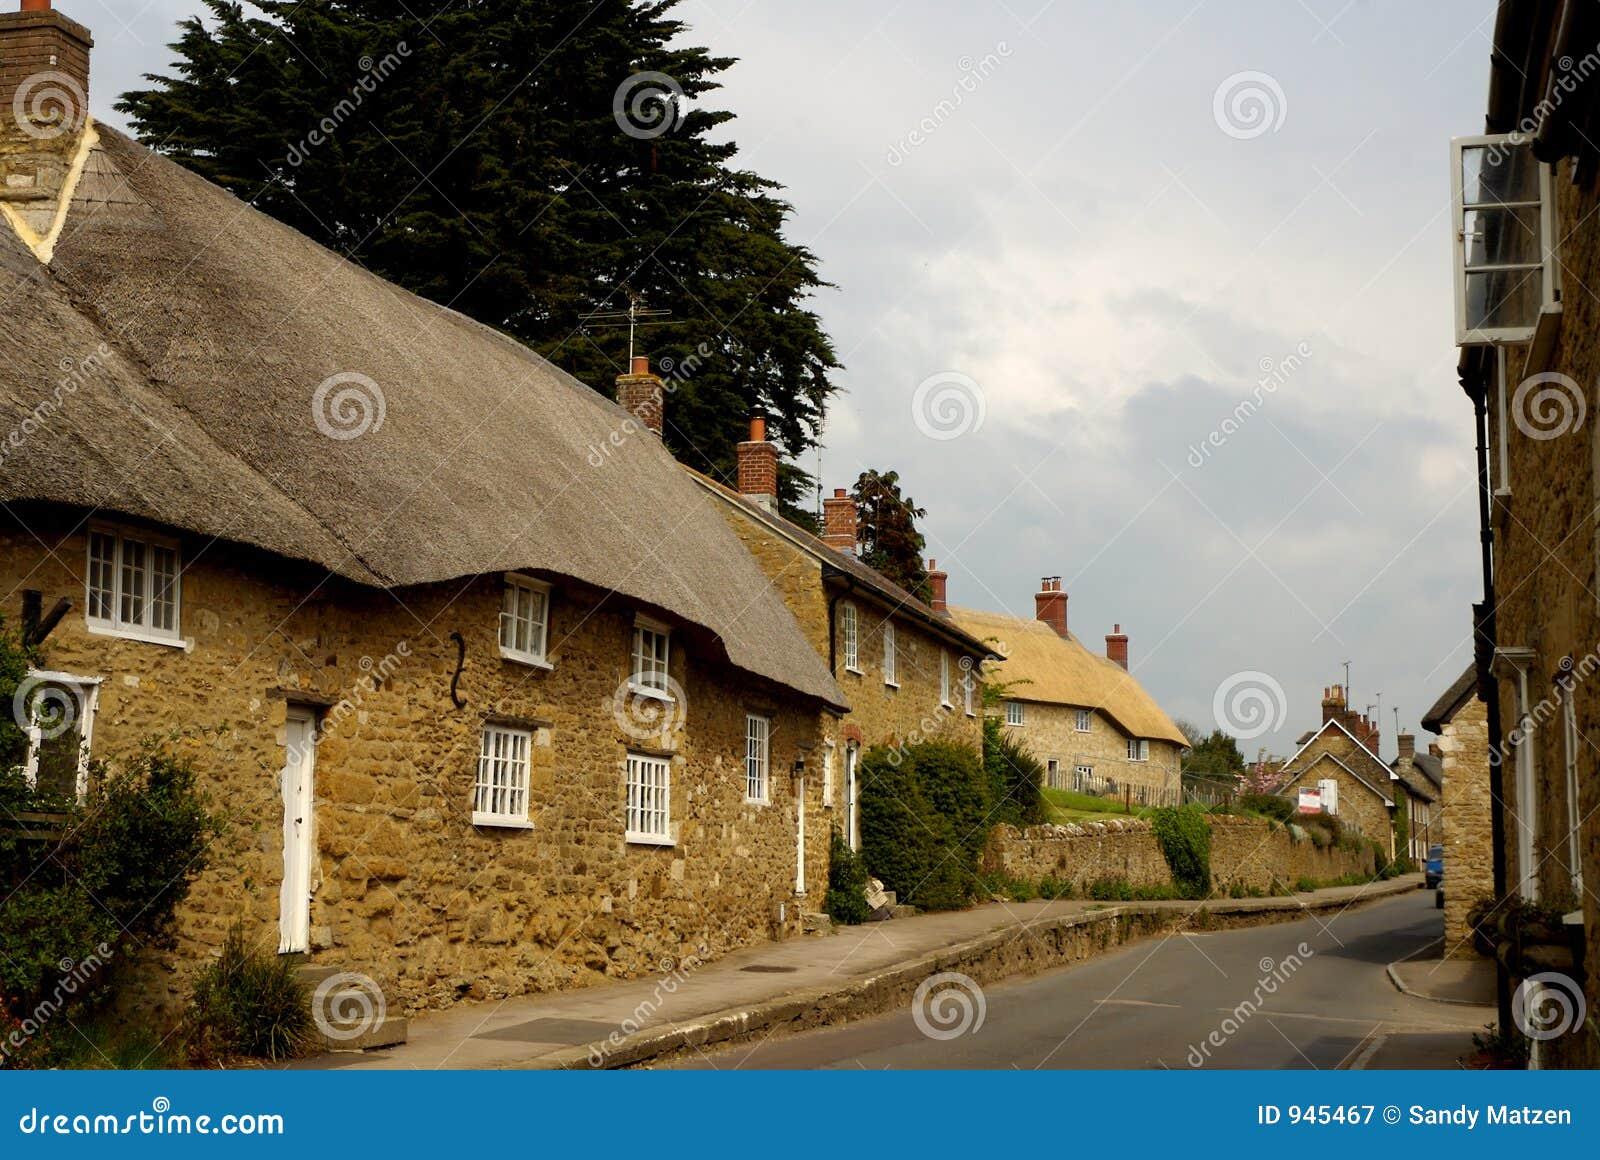 Maisons thatached par toit